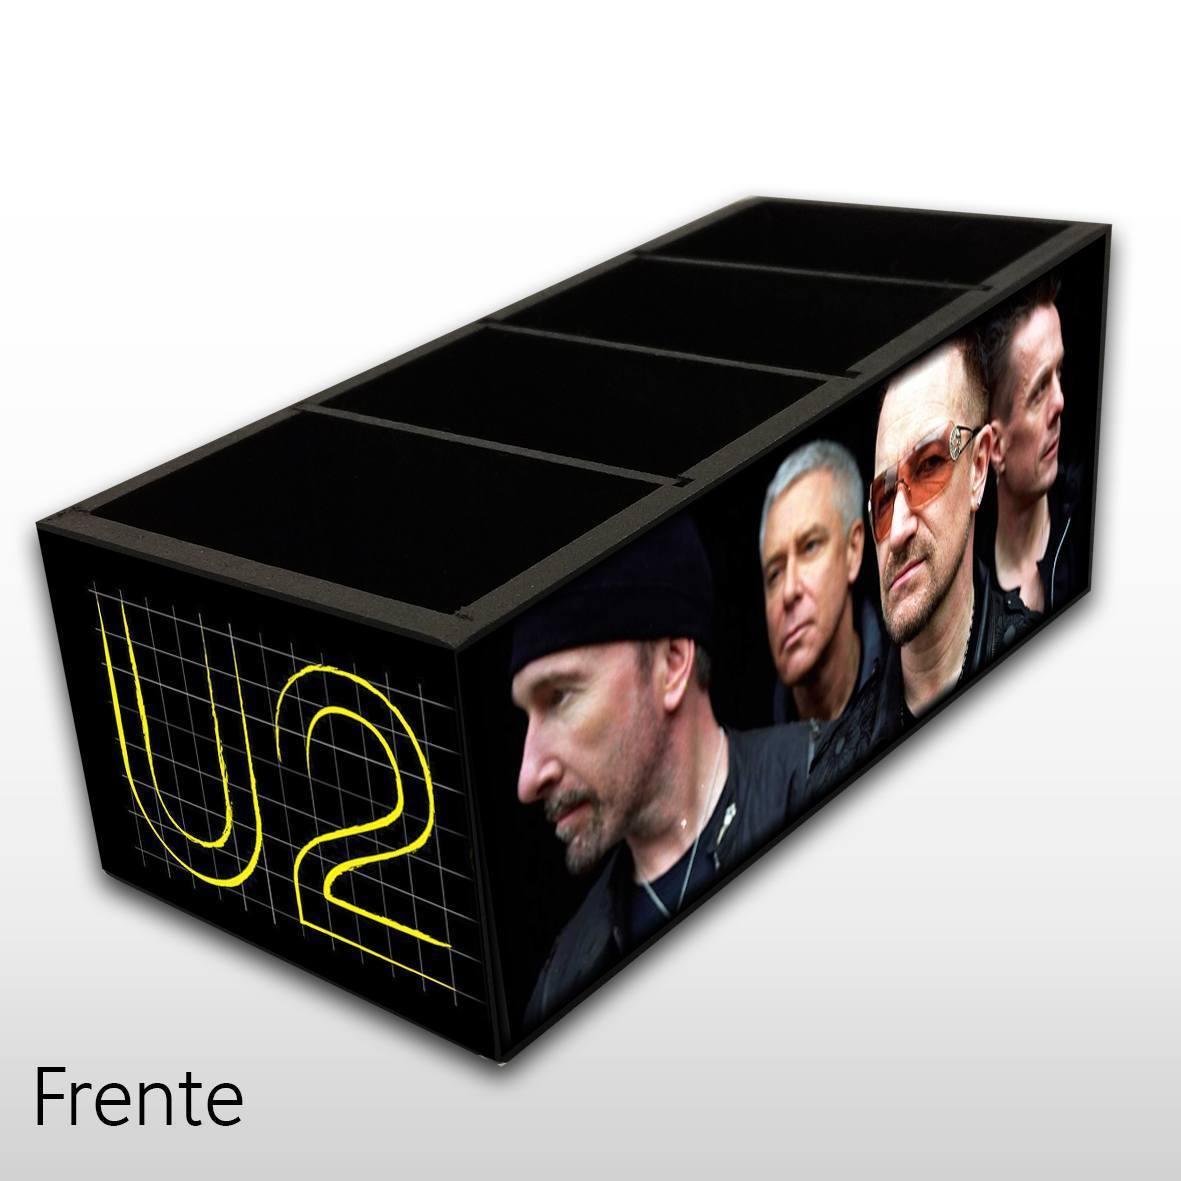 U2 - Porta Controles em Madeira MDF - 4 Espaços - Mr. Rock